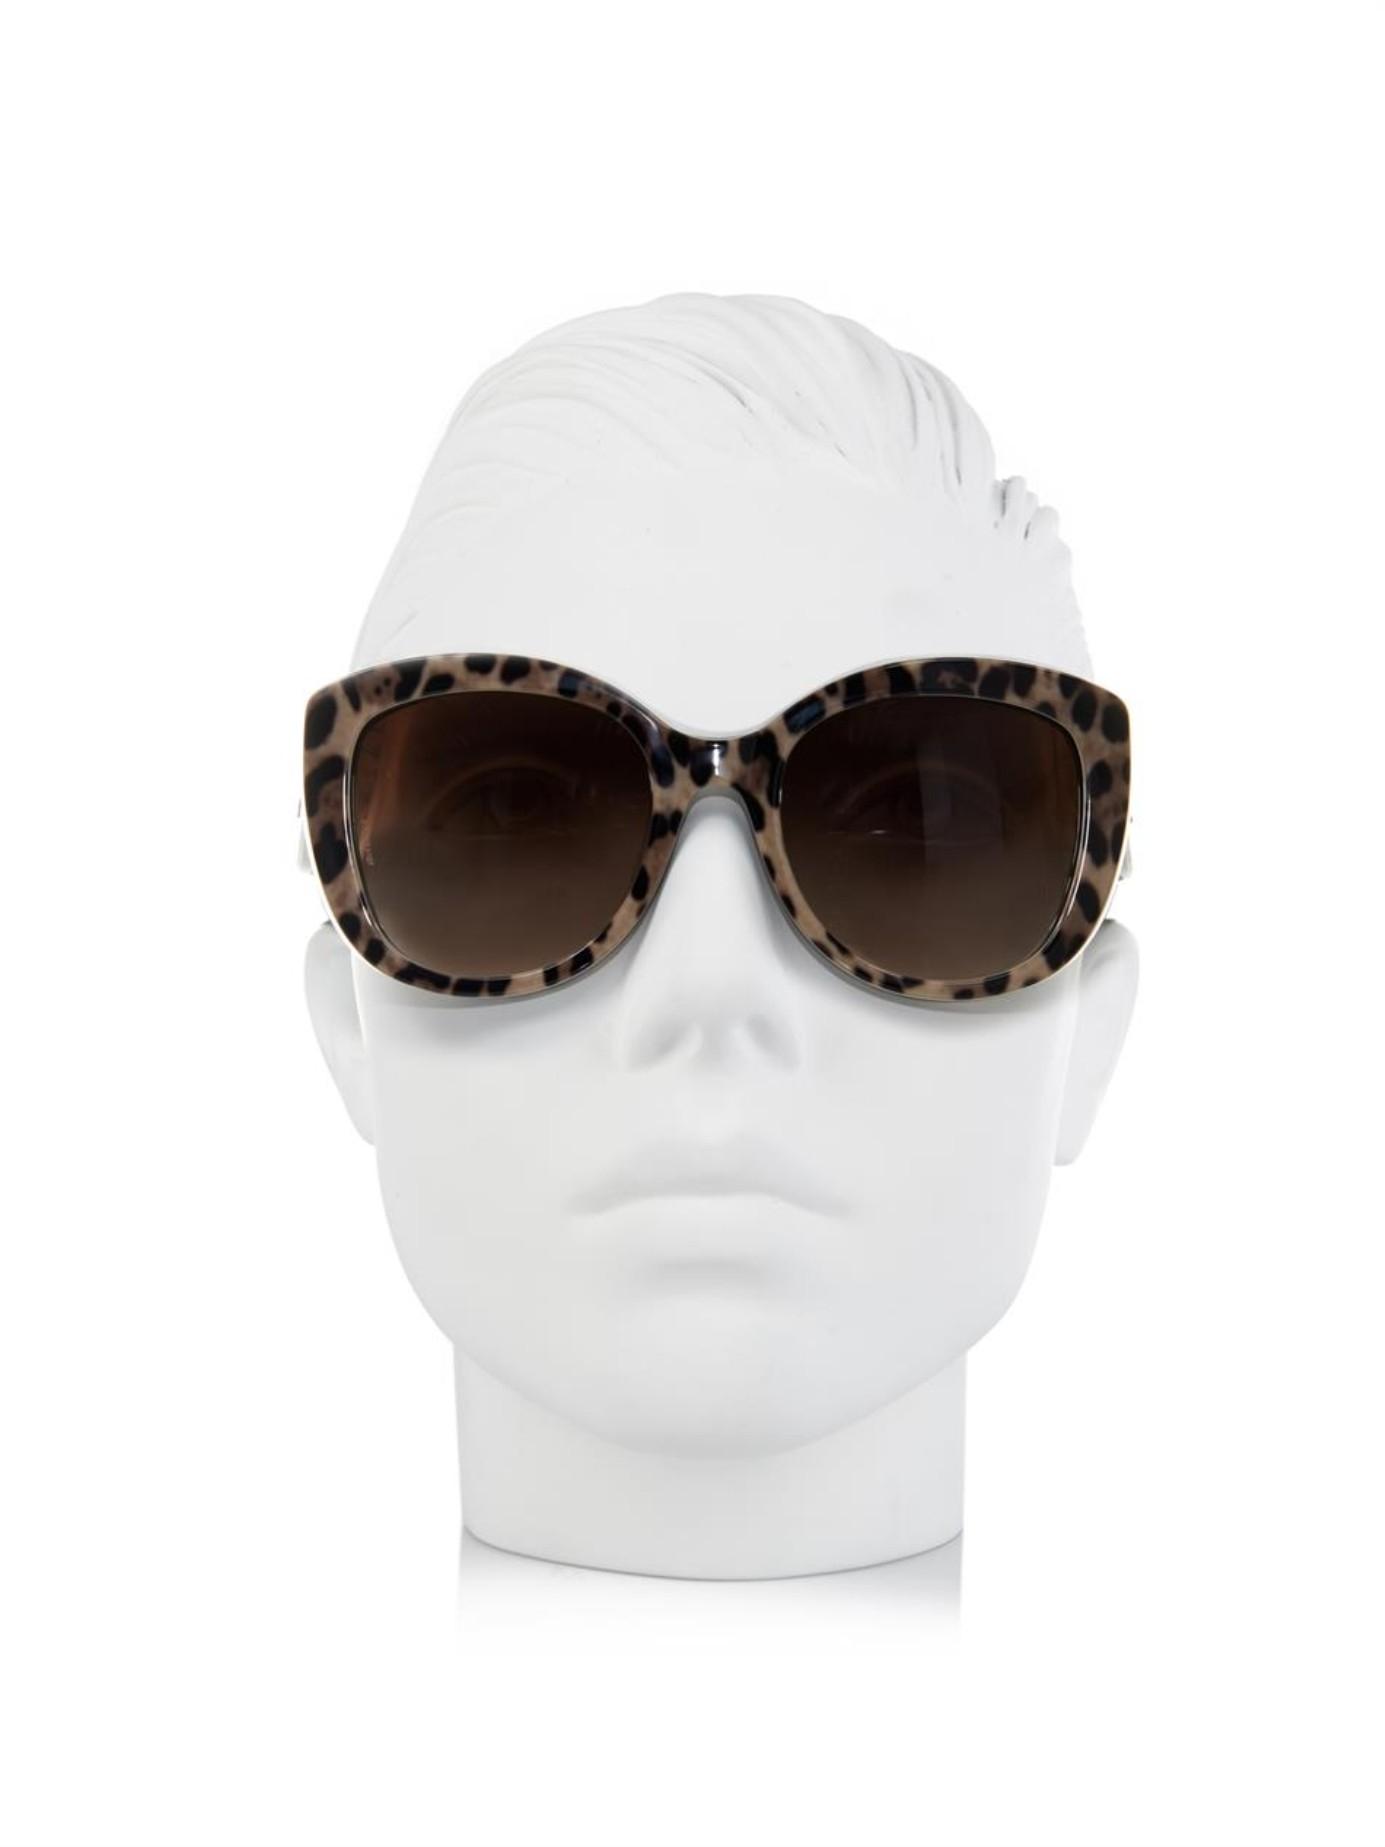 0df83c3e5 Dolce & Gabbana Leopard-Print Cat-Eye Sunglasses - Lyst